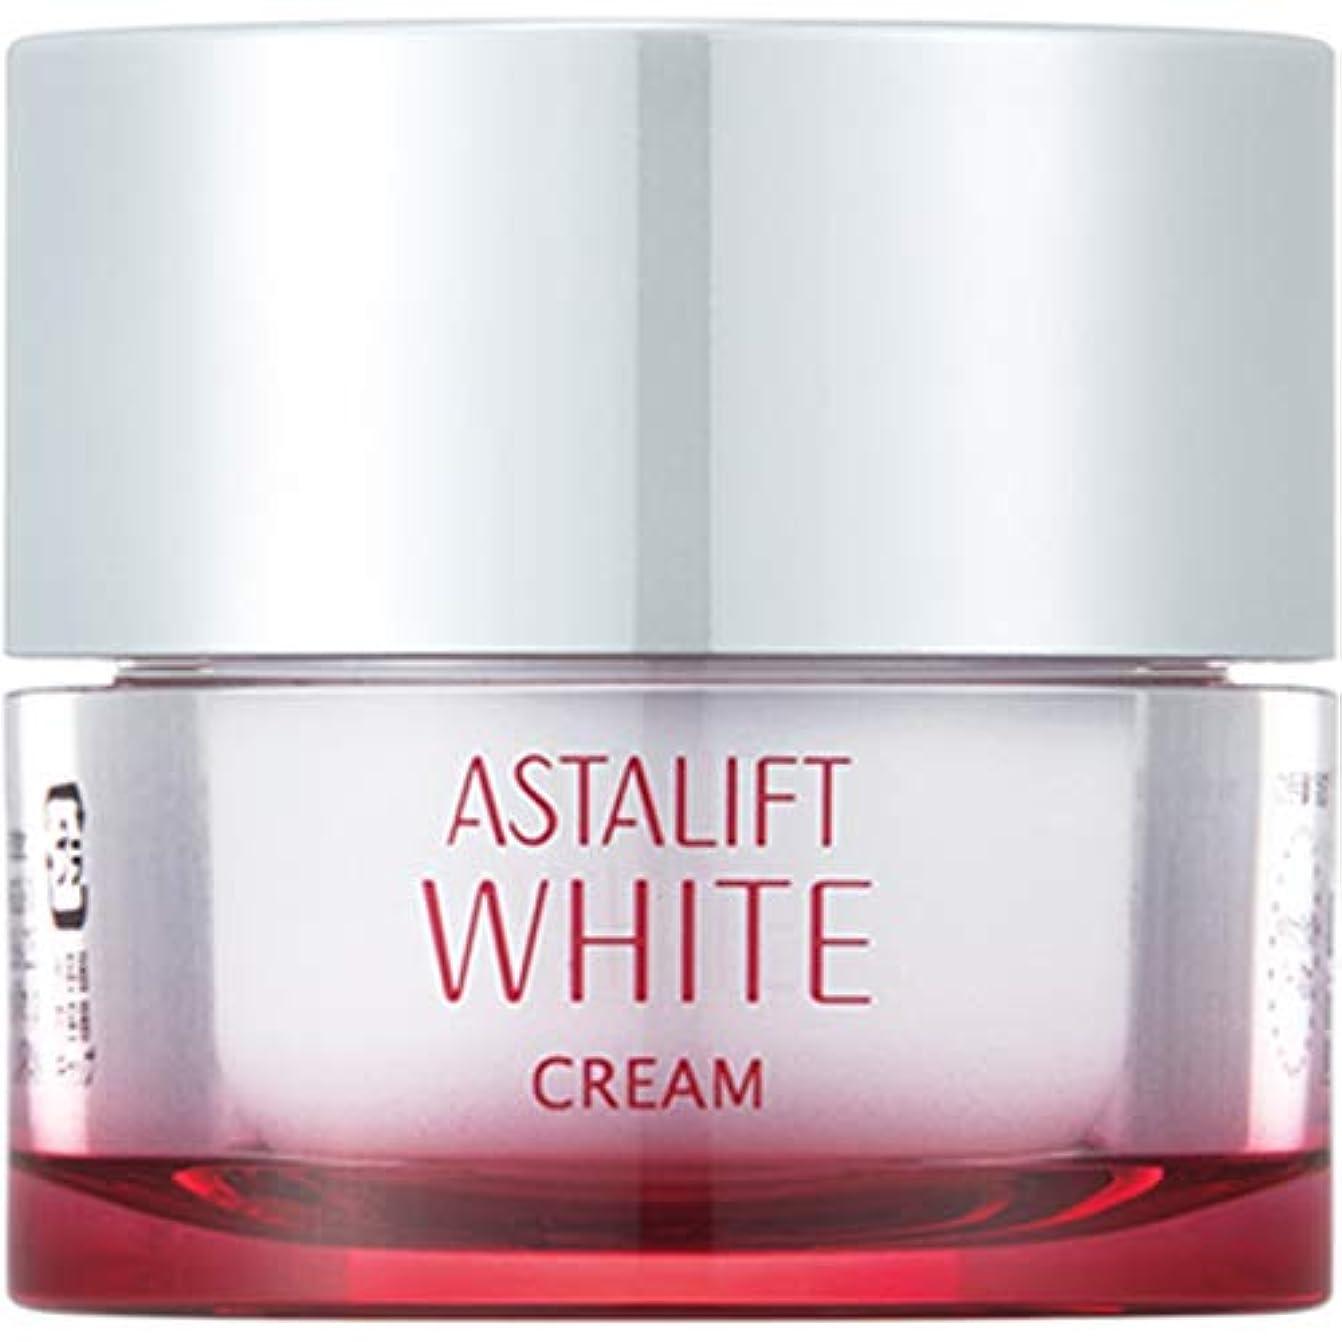 花に水をやる流星同等のASTALIFT(アスタリフト) ホワイト クリーム(美白クリーム) 30g